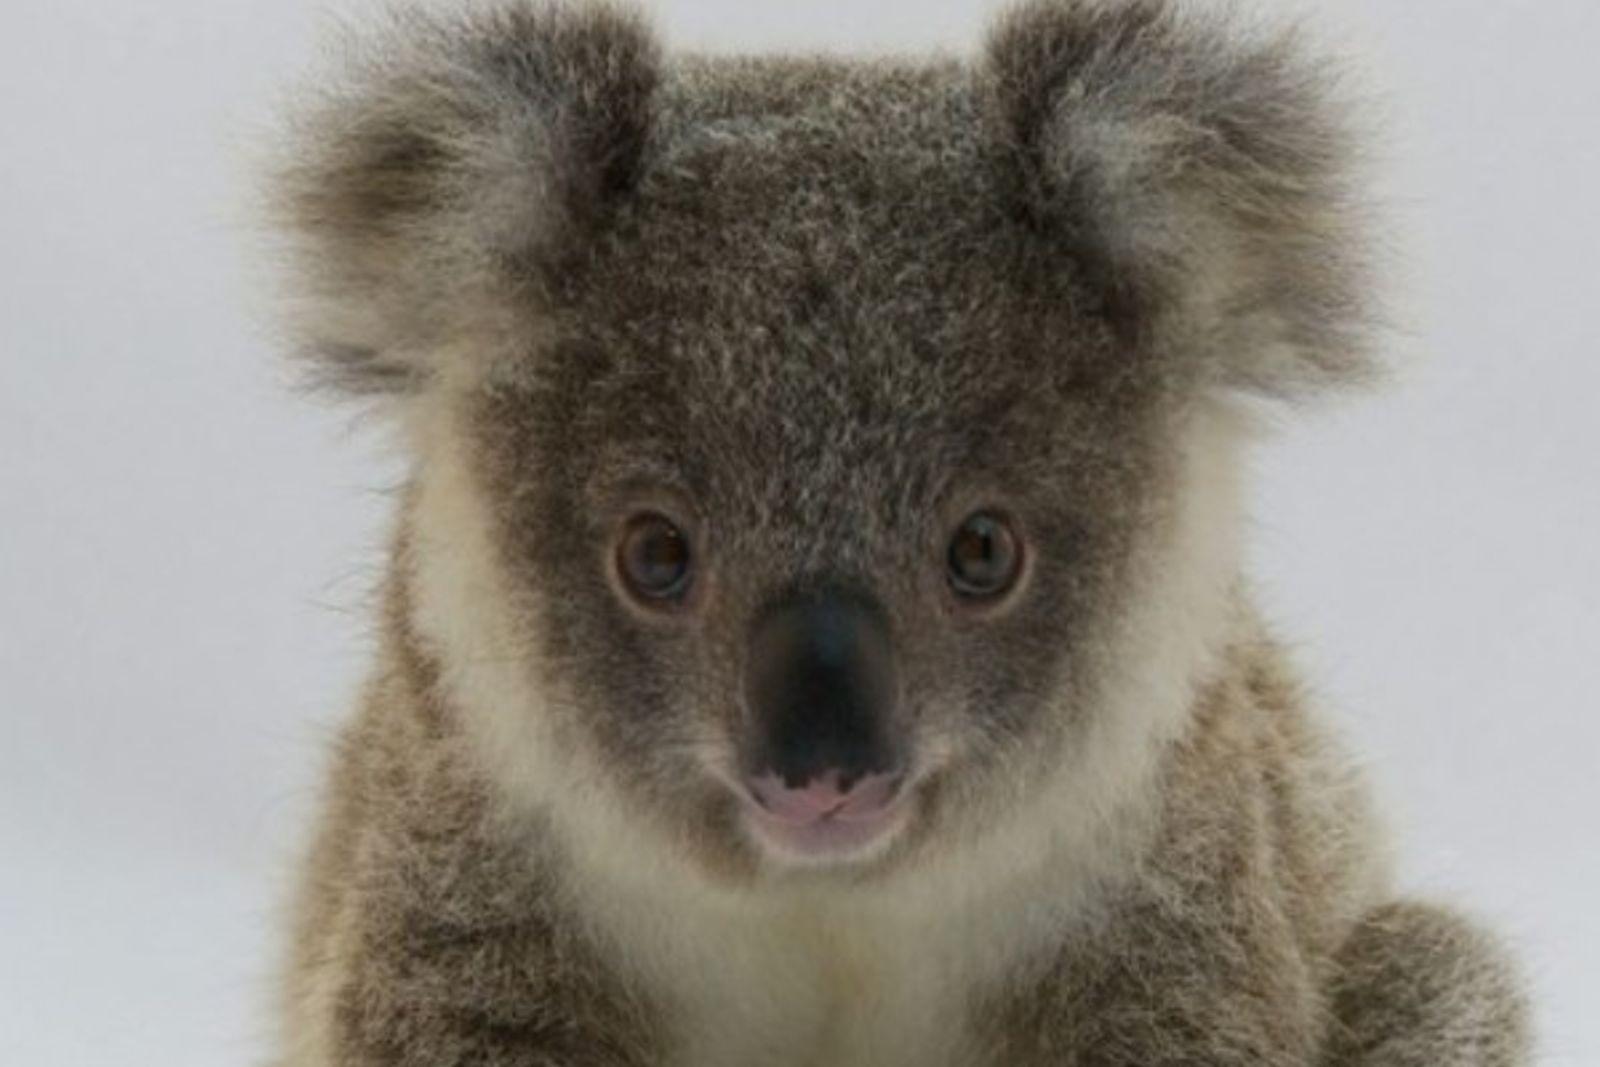 El koala, ¿en peligro de extinción?